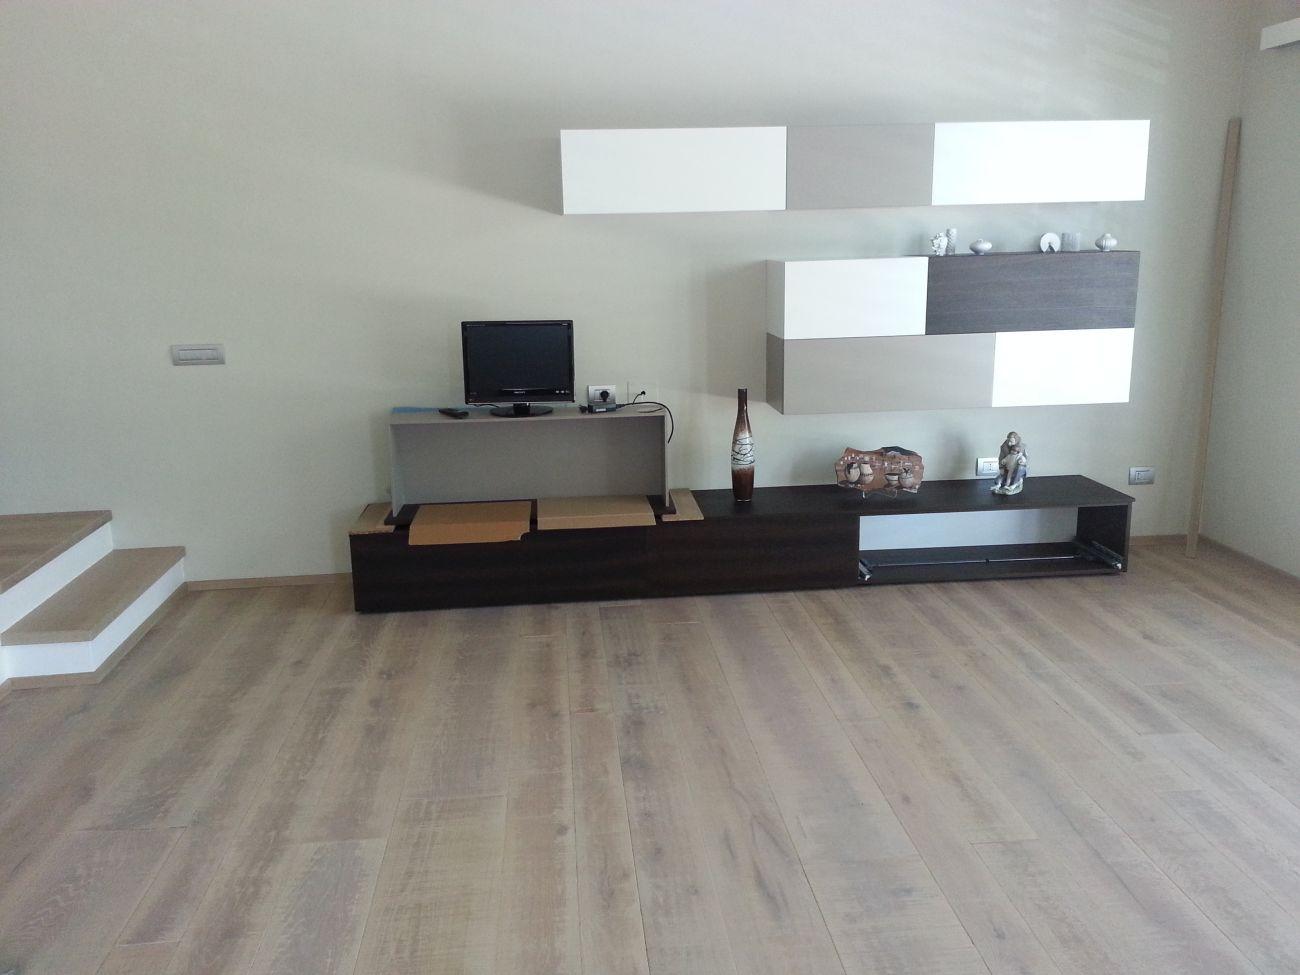 Parquet per interni soriano pavimenti in legno for Laminato ikea opinioni